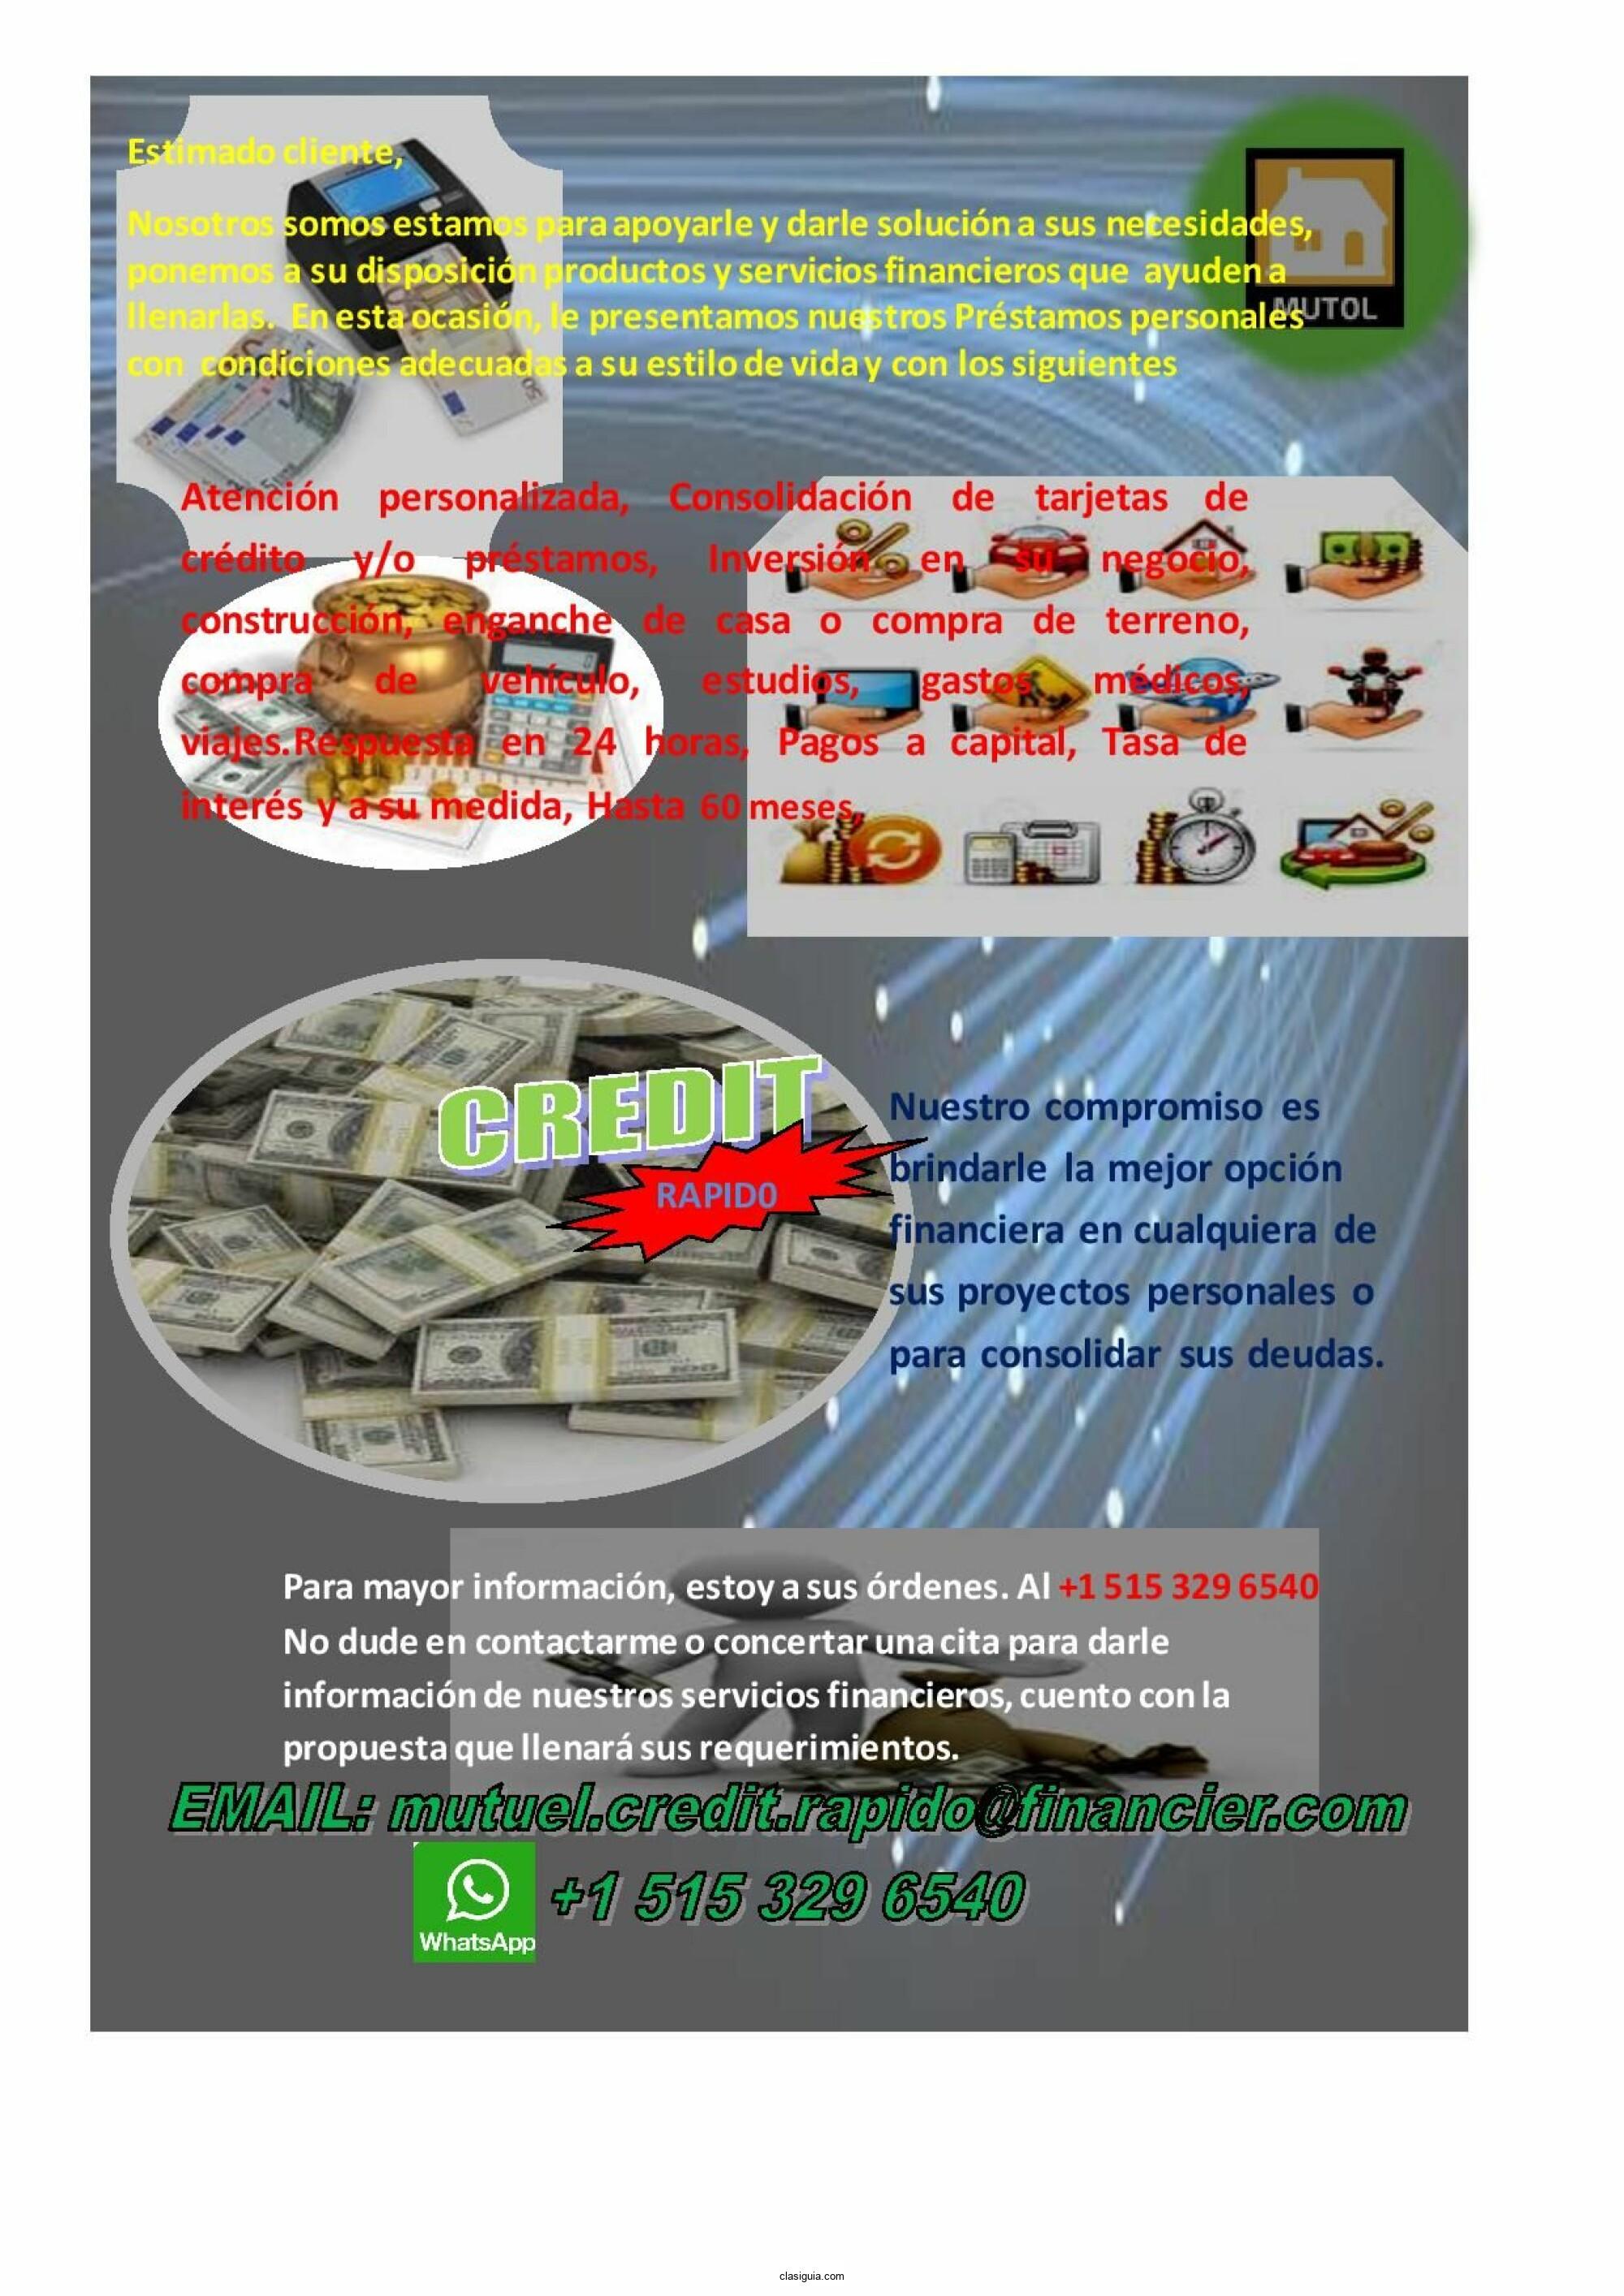 prestamos personales para Inicia tu propio negocio